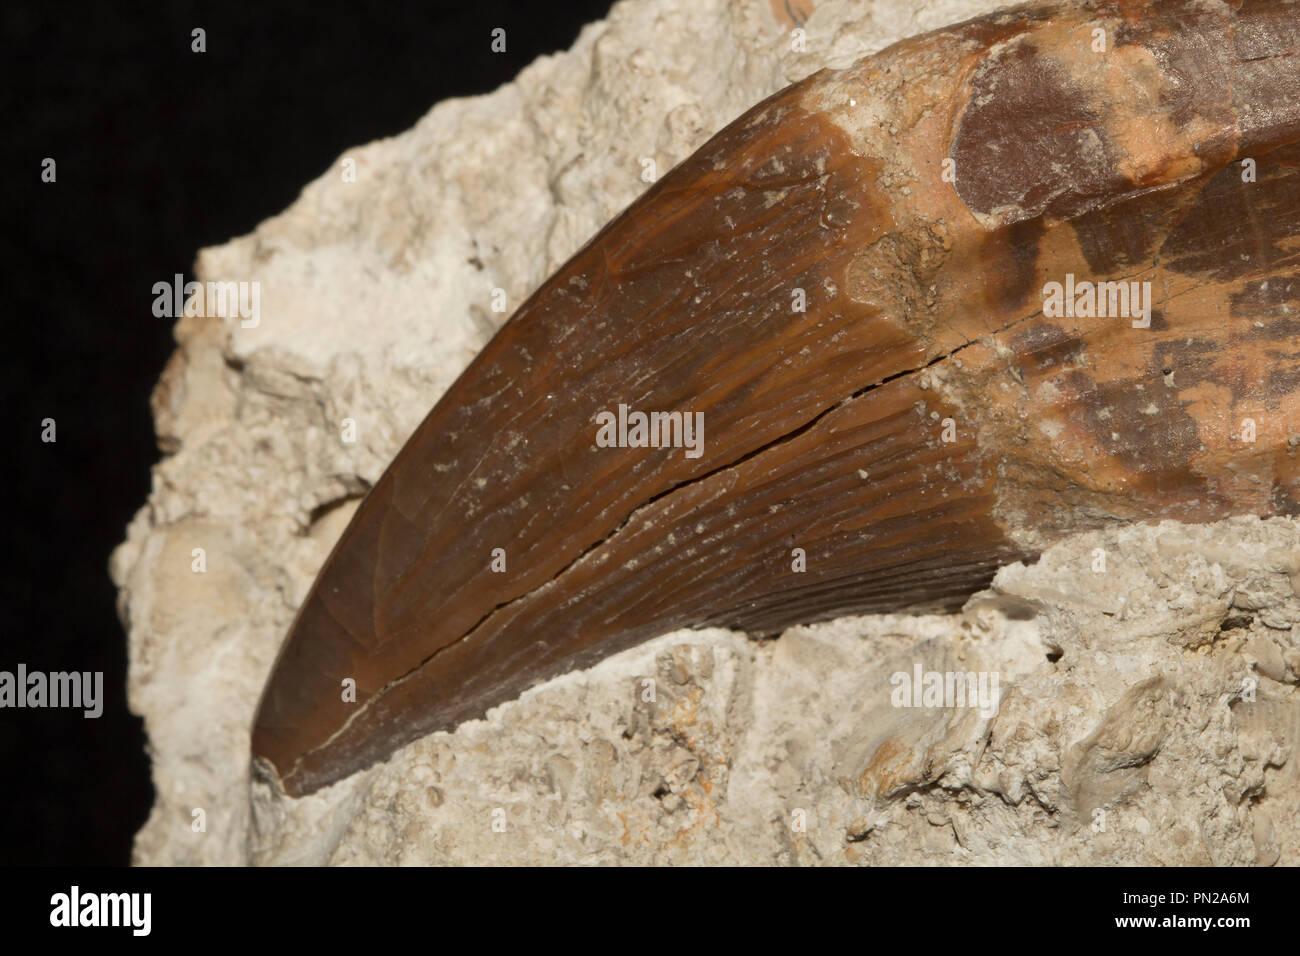 Diente de ballena dentada arcaico Pontogeneus brachyspondylus, un cetáceo extinto desde el eoceno. Foto de stock